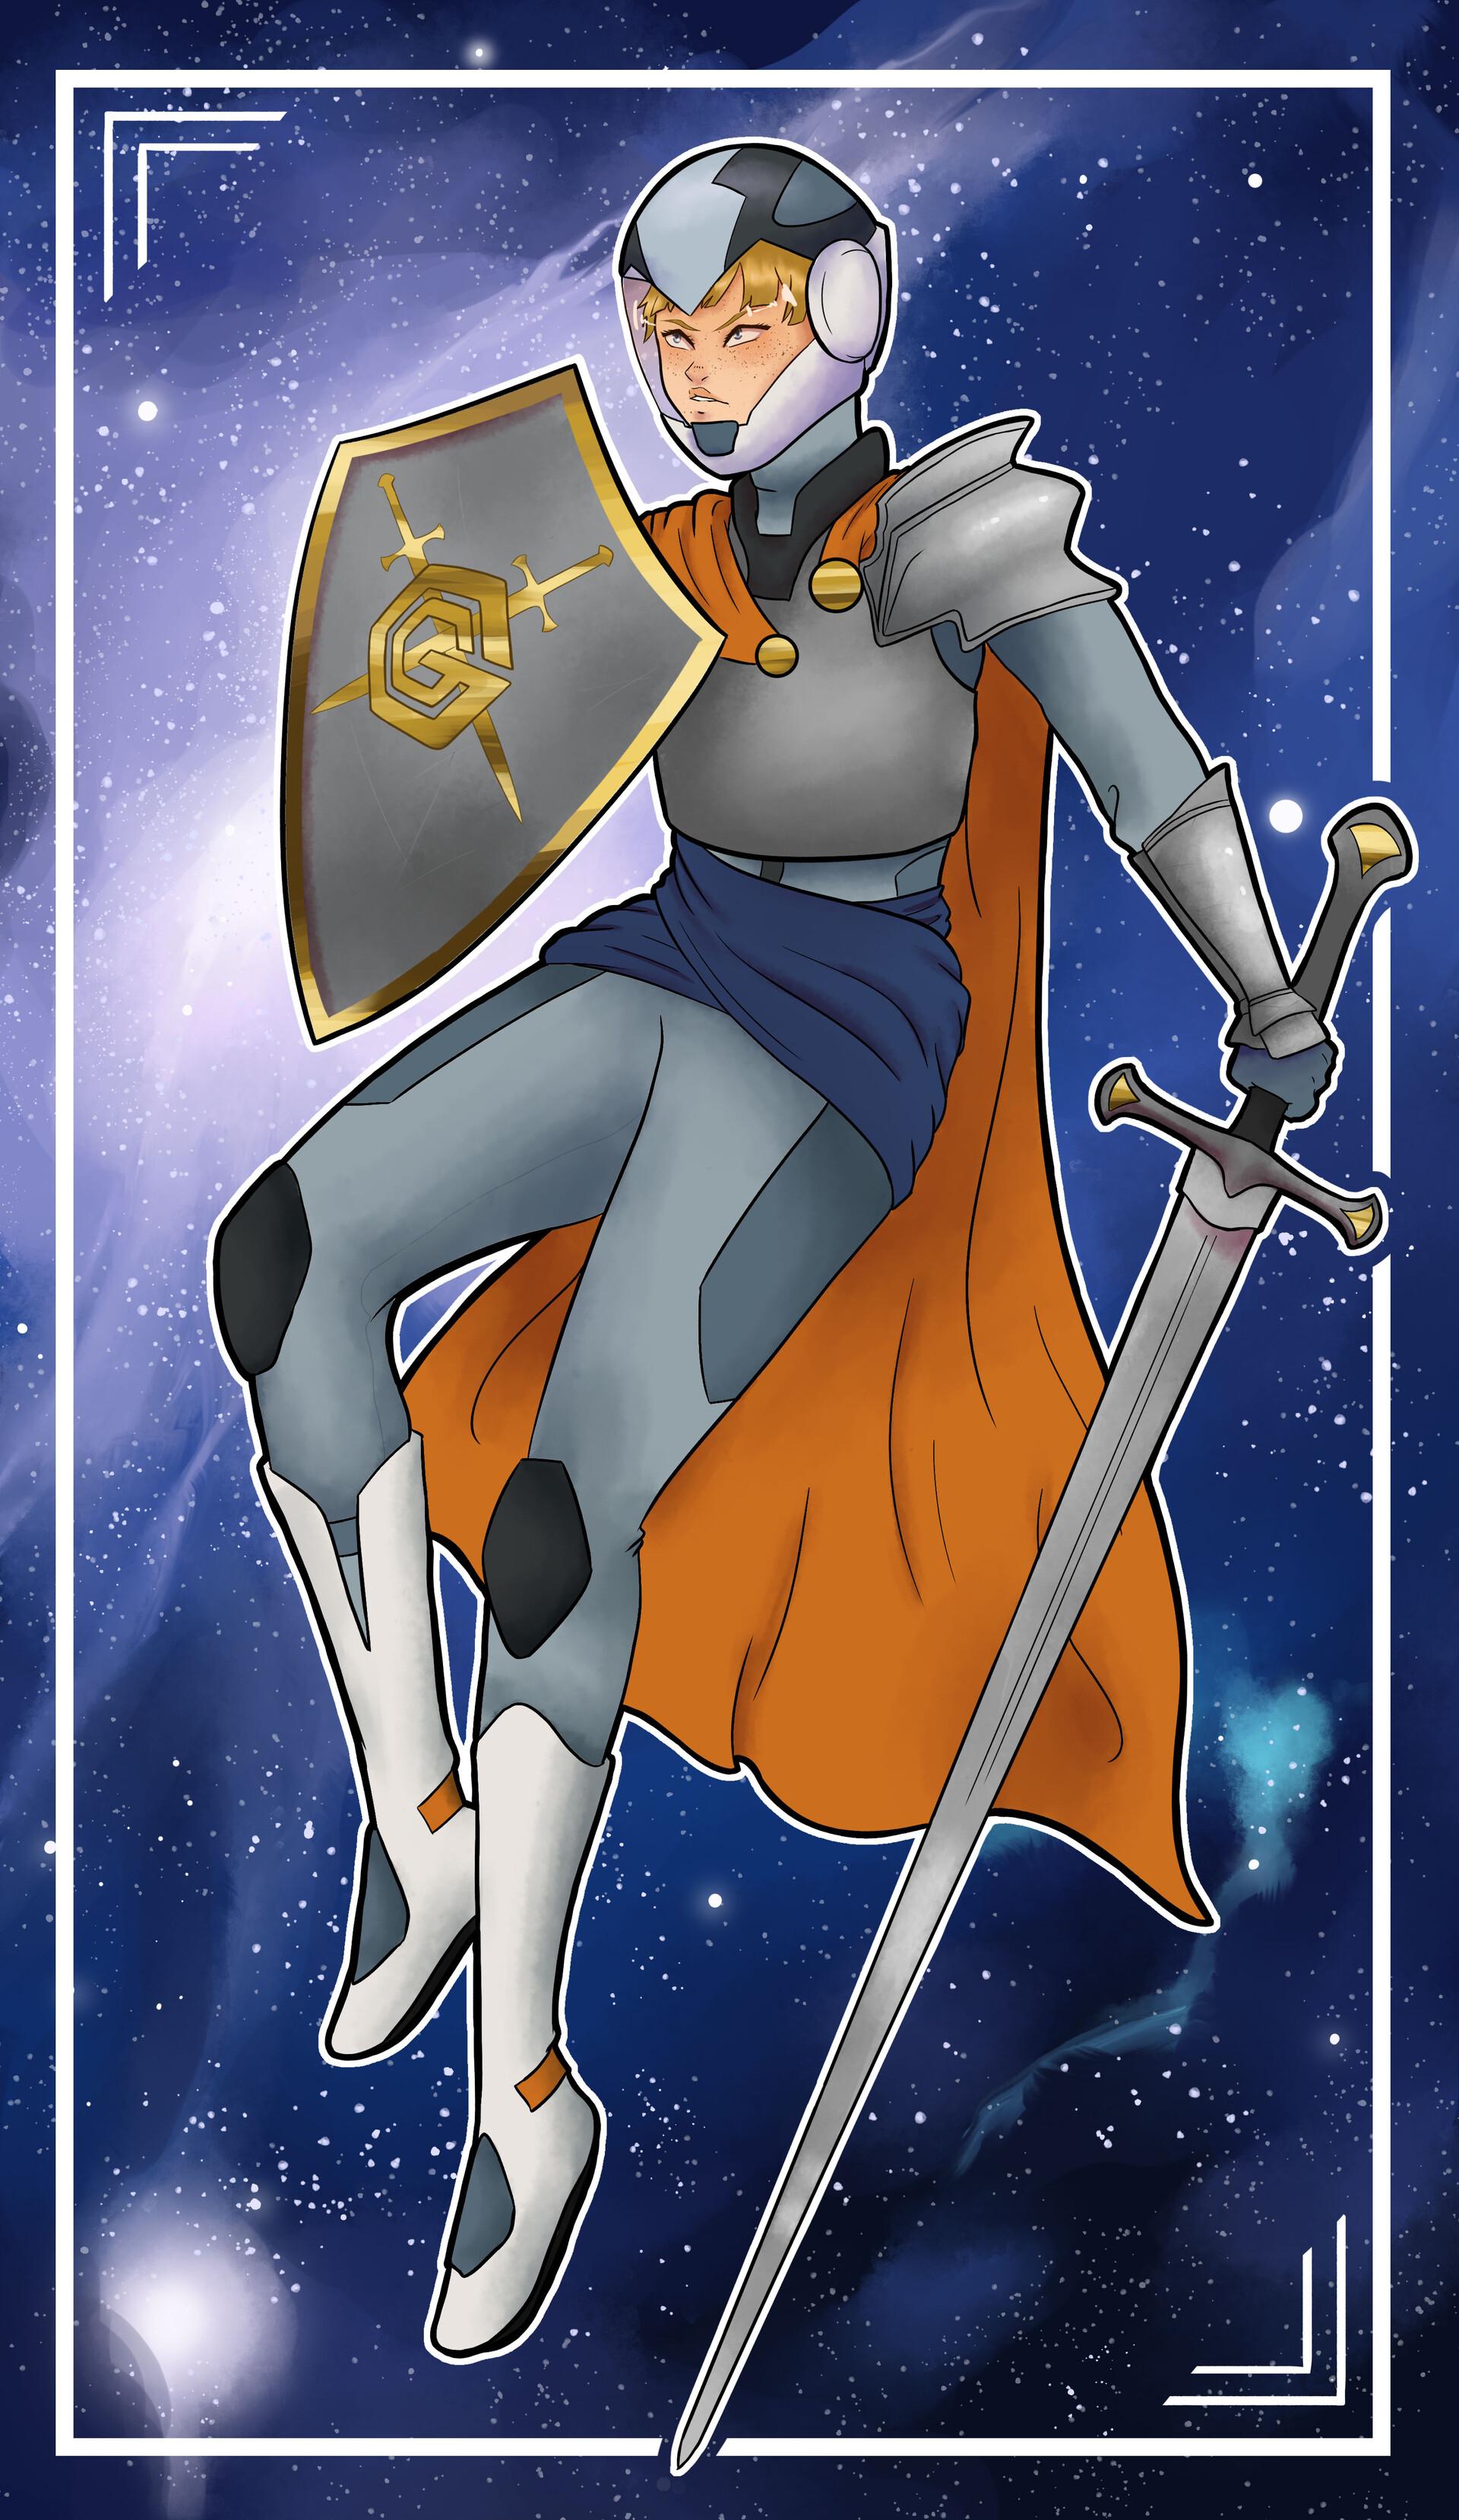 ArtStation - Knight of Swords, Mel Leonard